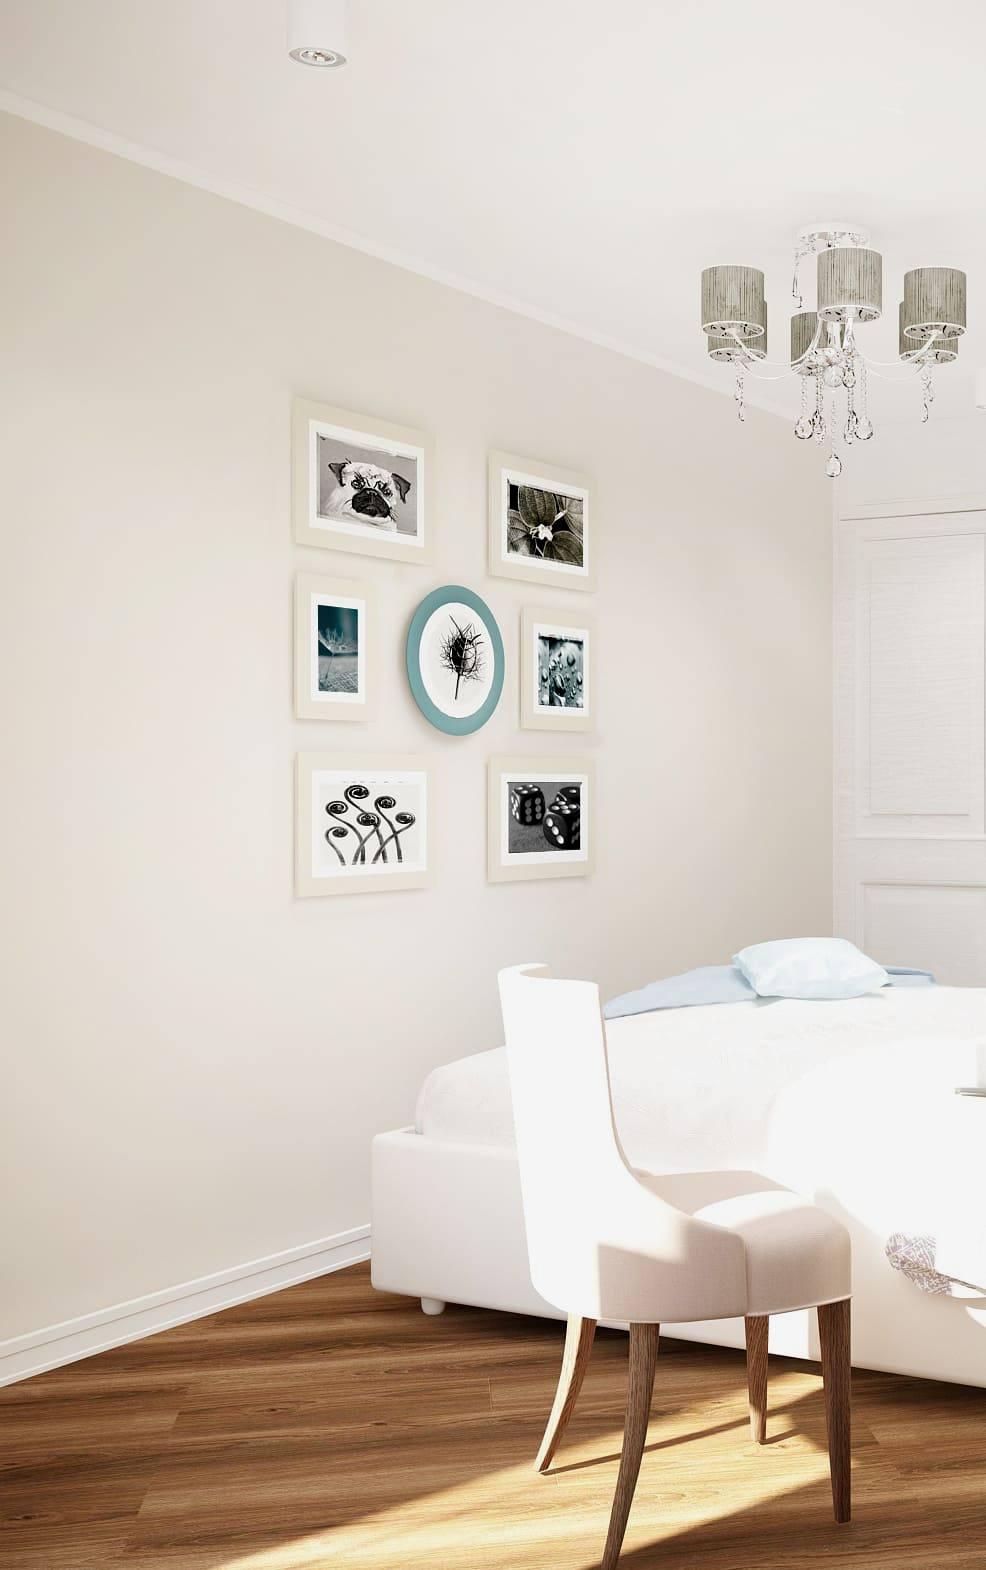 Интерьер спальни 12 кв.м в белых и бежевых тонах, белый стул, белая кровать, коричневый паркет, люстра